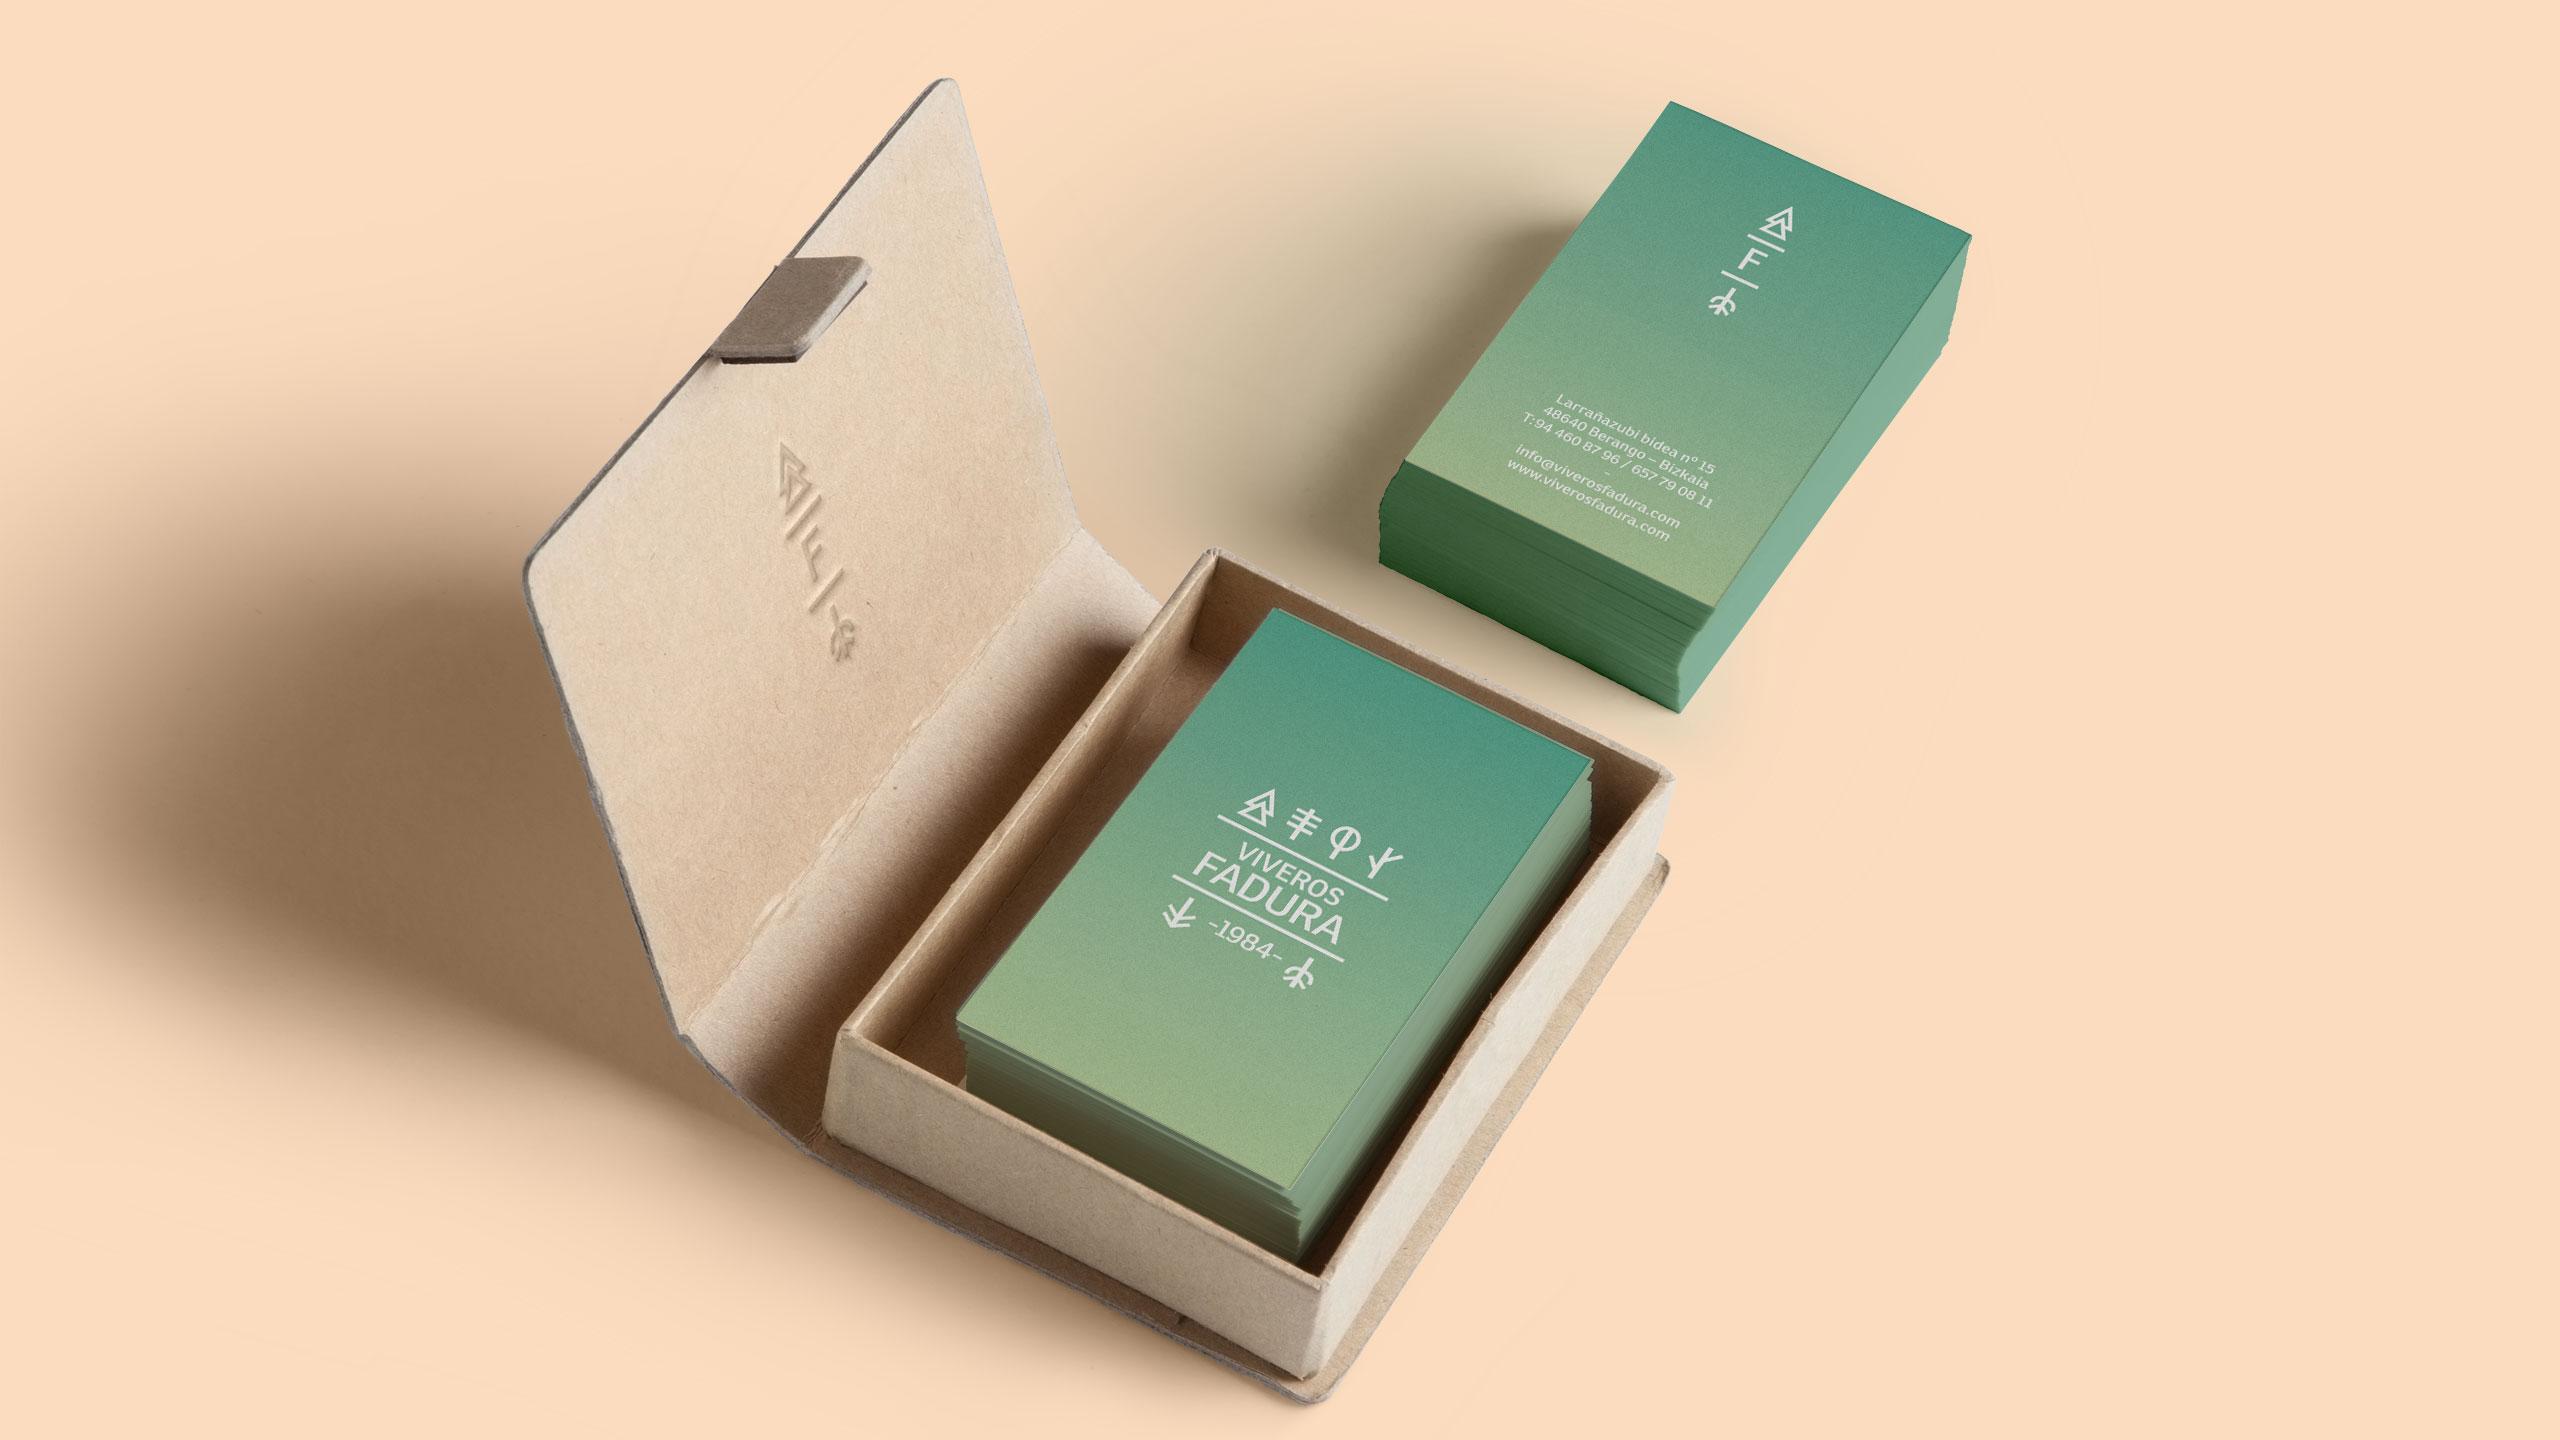 tarjetas_caja_viverosfadura_marinagoni